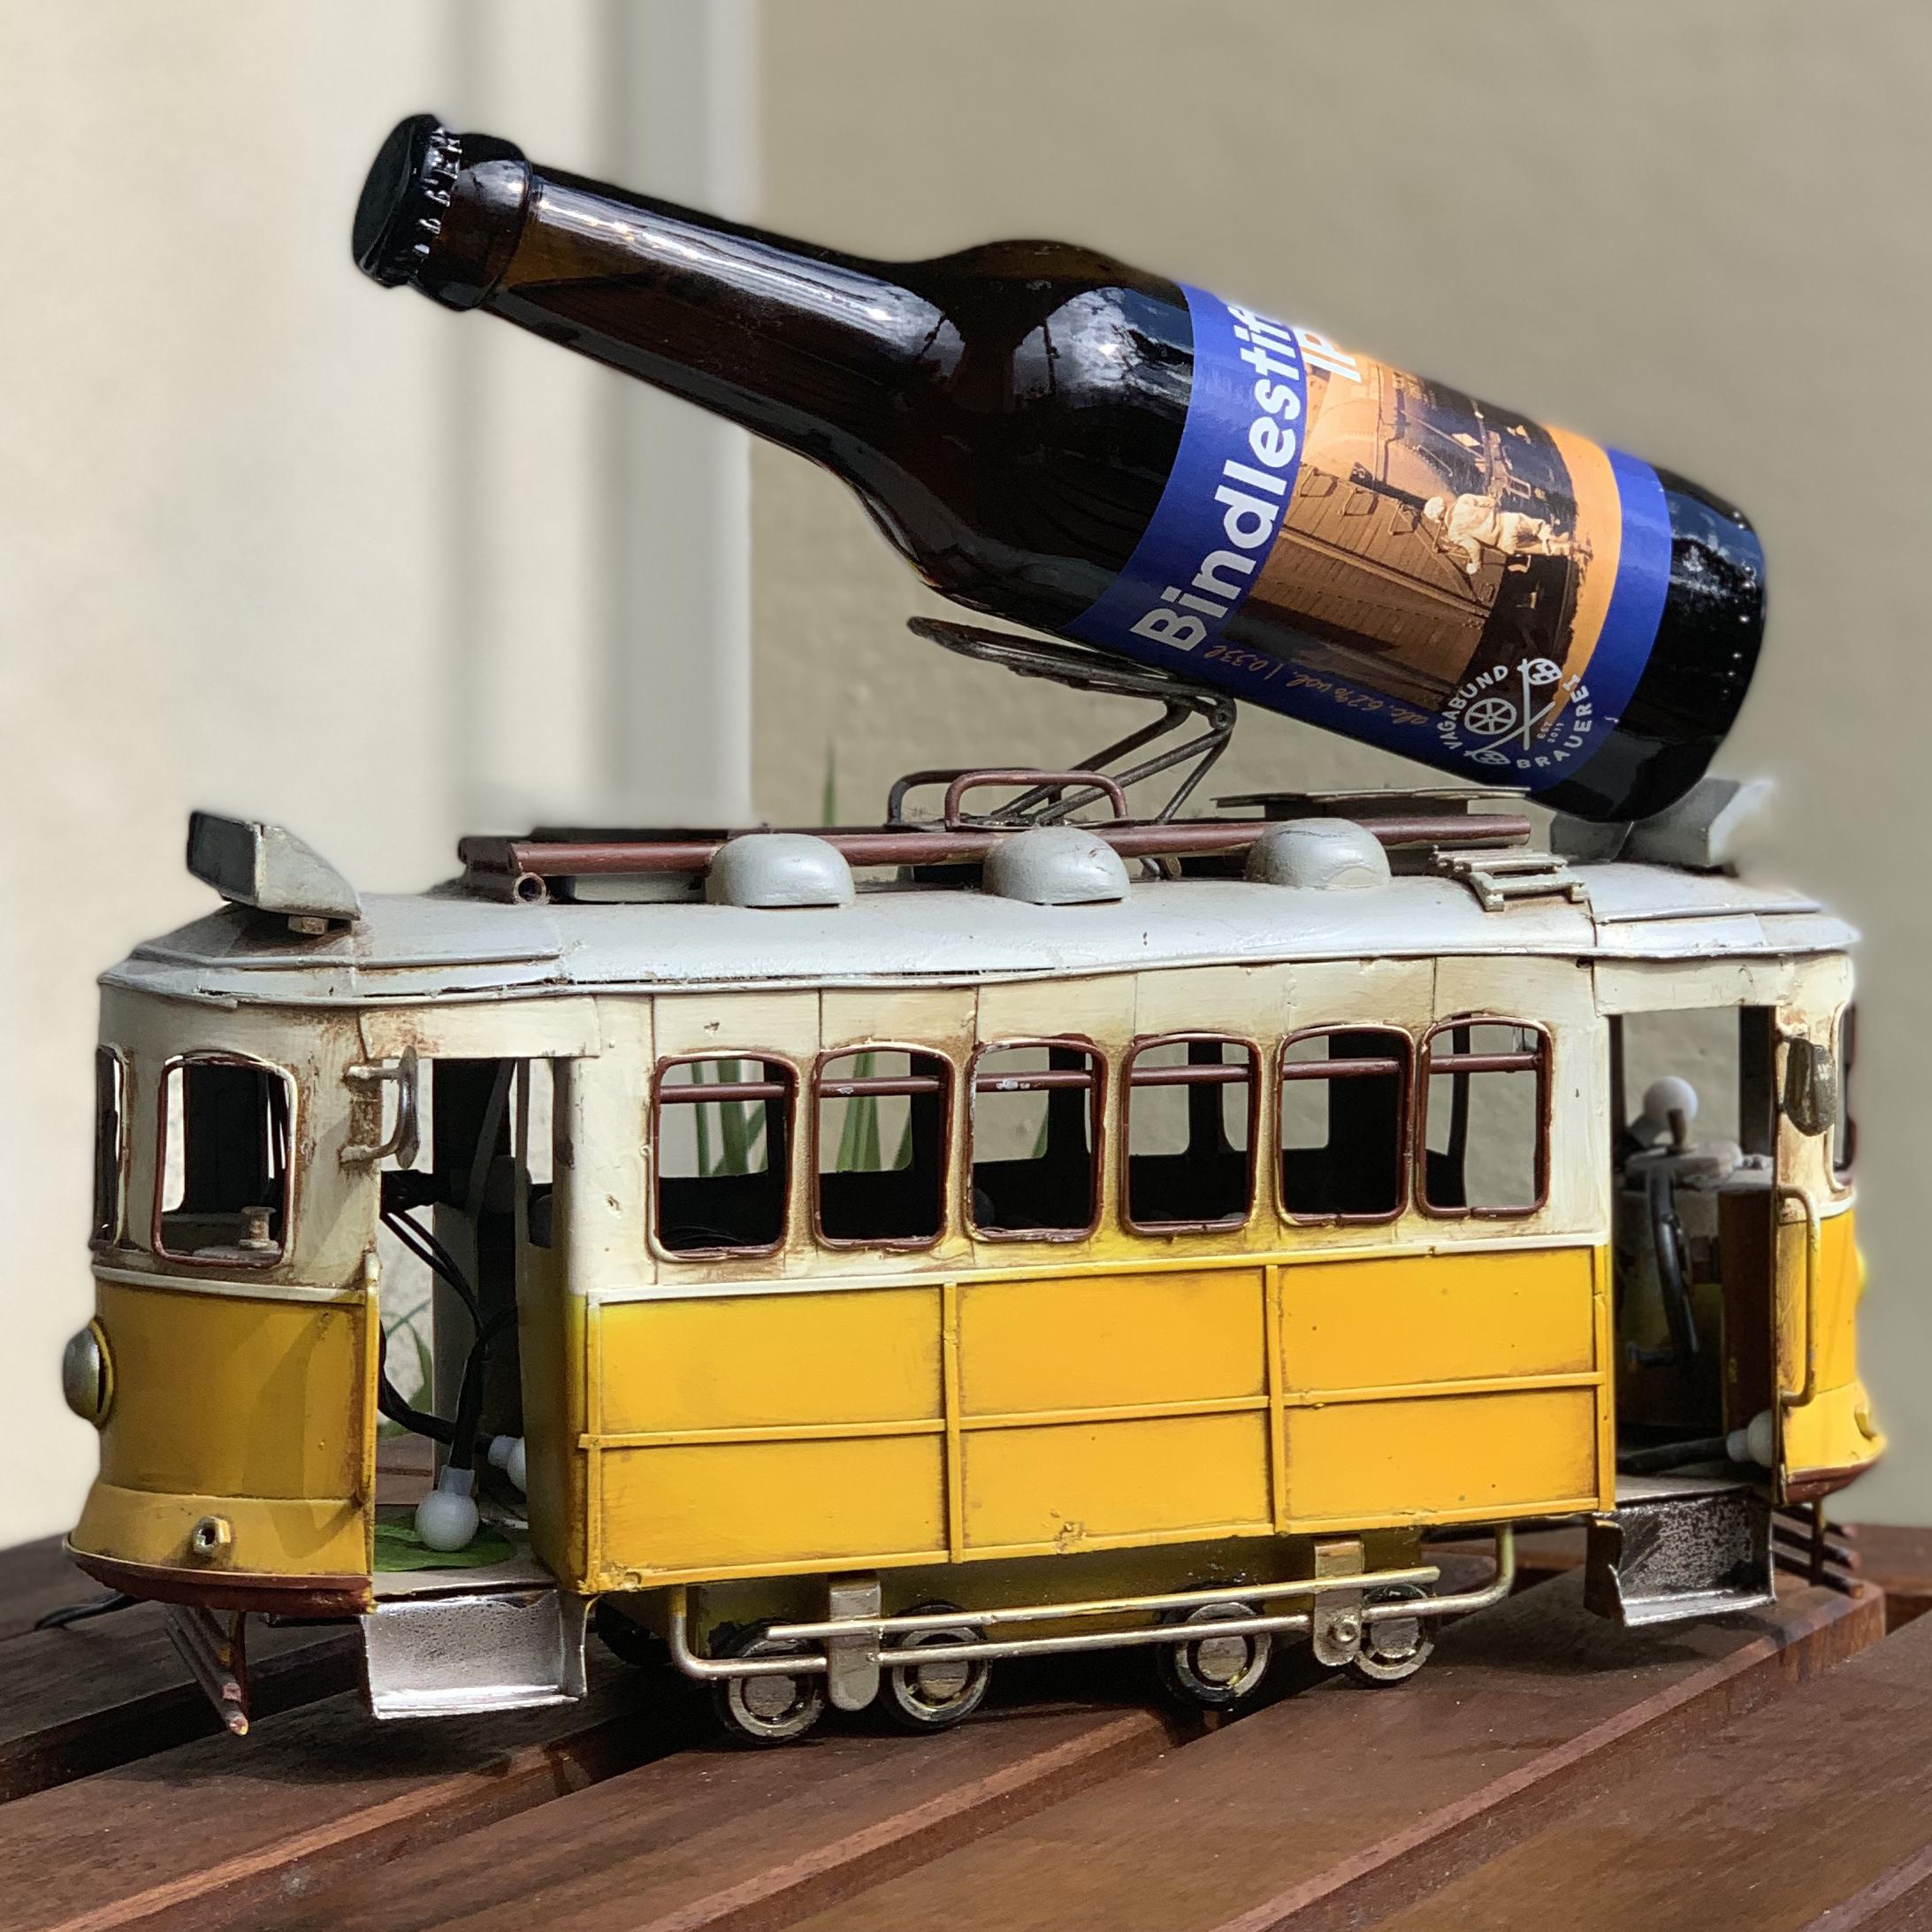 Vagbund Bier